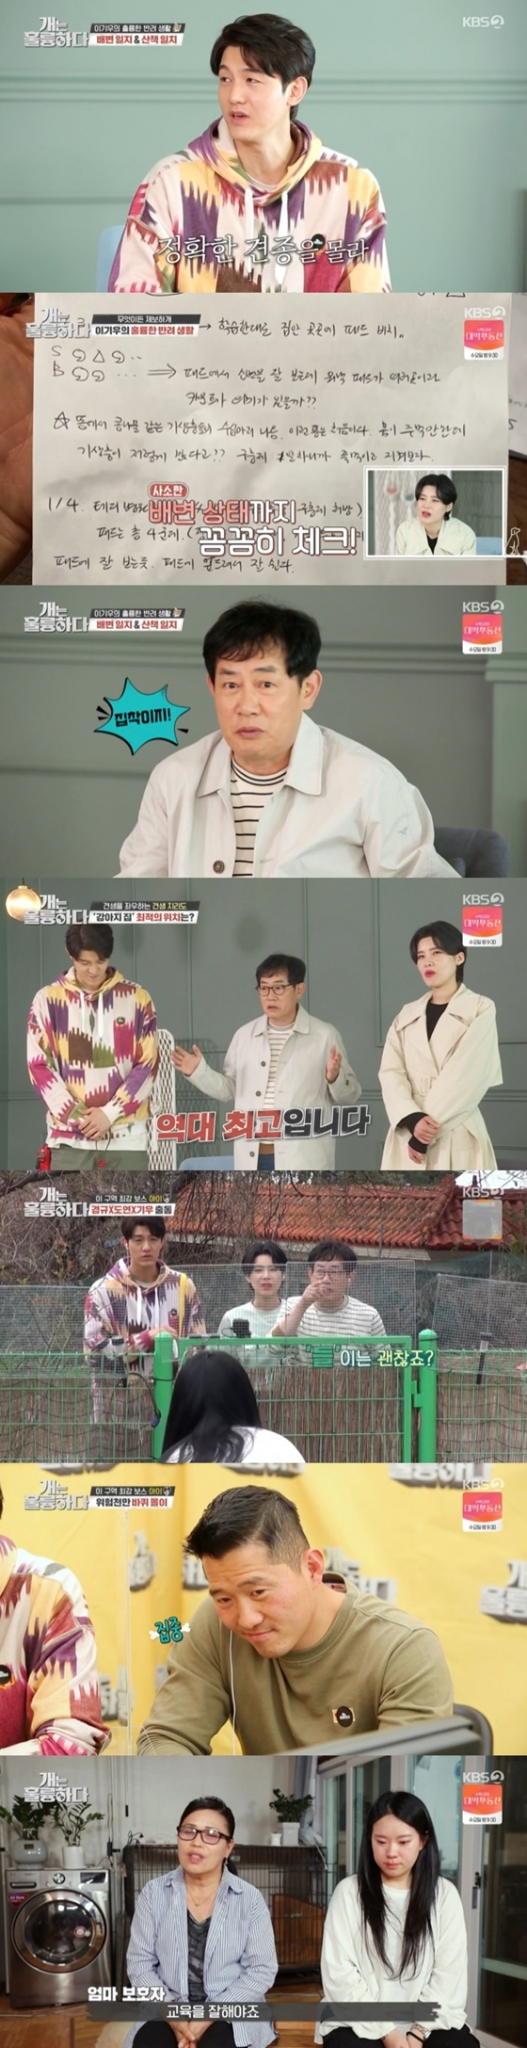 KBS 2TV '개는 훌륭하다'에 이기우가 견학생으로 출연했다./사진=KBS 2TV '개는 훌륭하다' 방송 화면 캡처